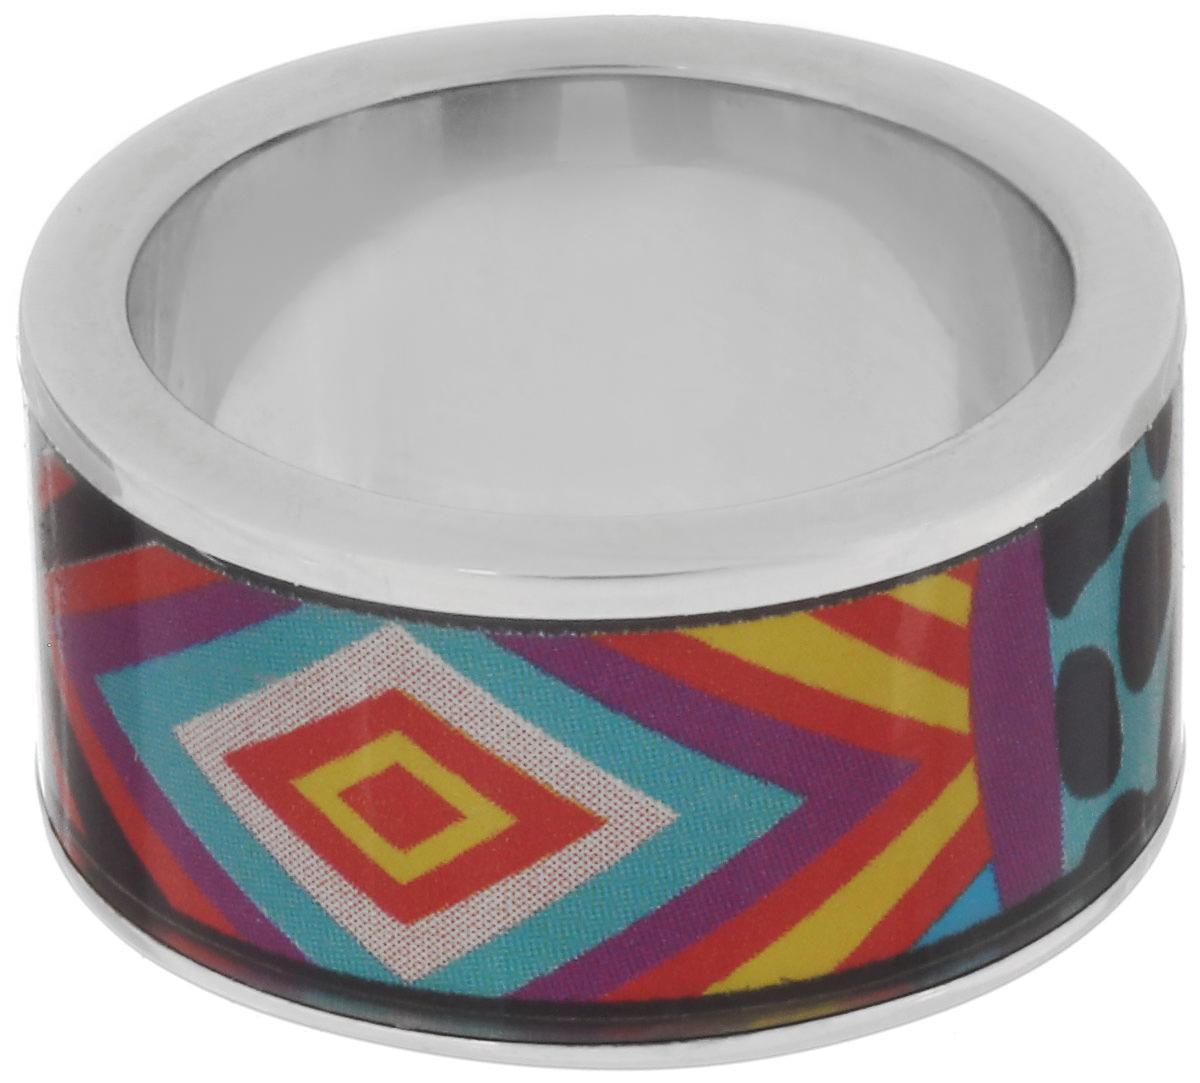 Кольцо Art-Silver, цвет: серебристый, мультиколор. ФК100-1-320. Размер 17,5ФК100-1-320Великолепное кольцо Art-Silver изготовлено из бижутерного сплава. Изделие с покрытием из эмали оформлено разнообразным неповторимым орнаментом. Стильное кольцо придаст вашему образу изюминку и подчеркнет индивидуальность.